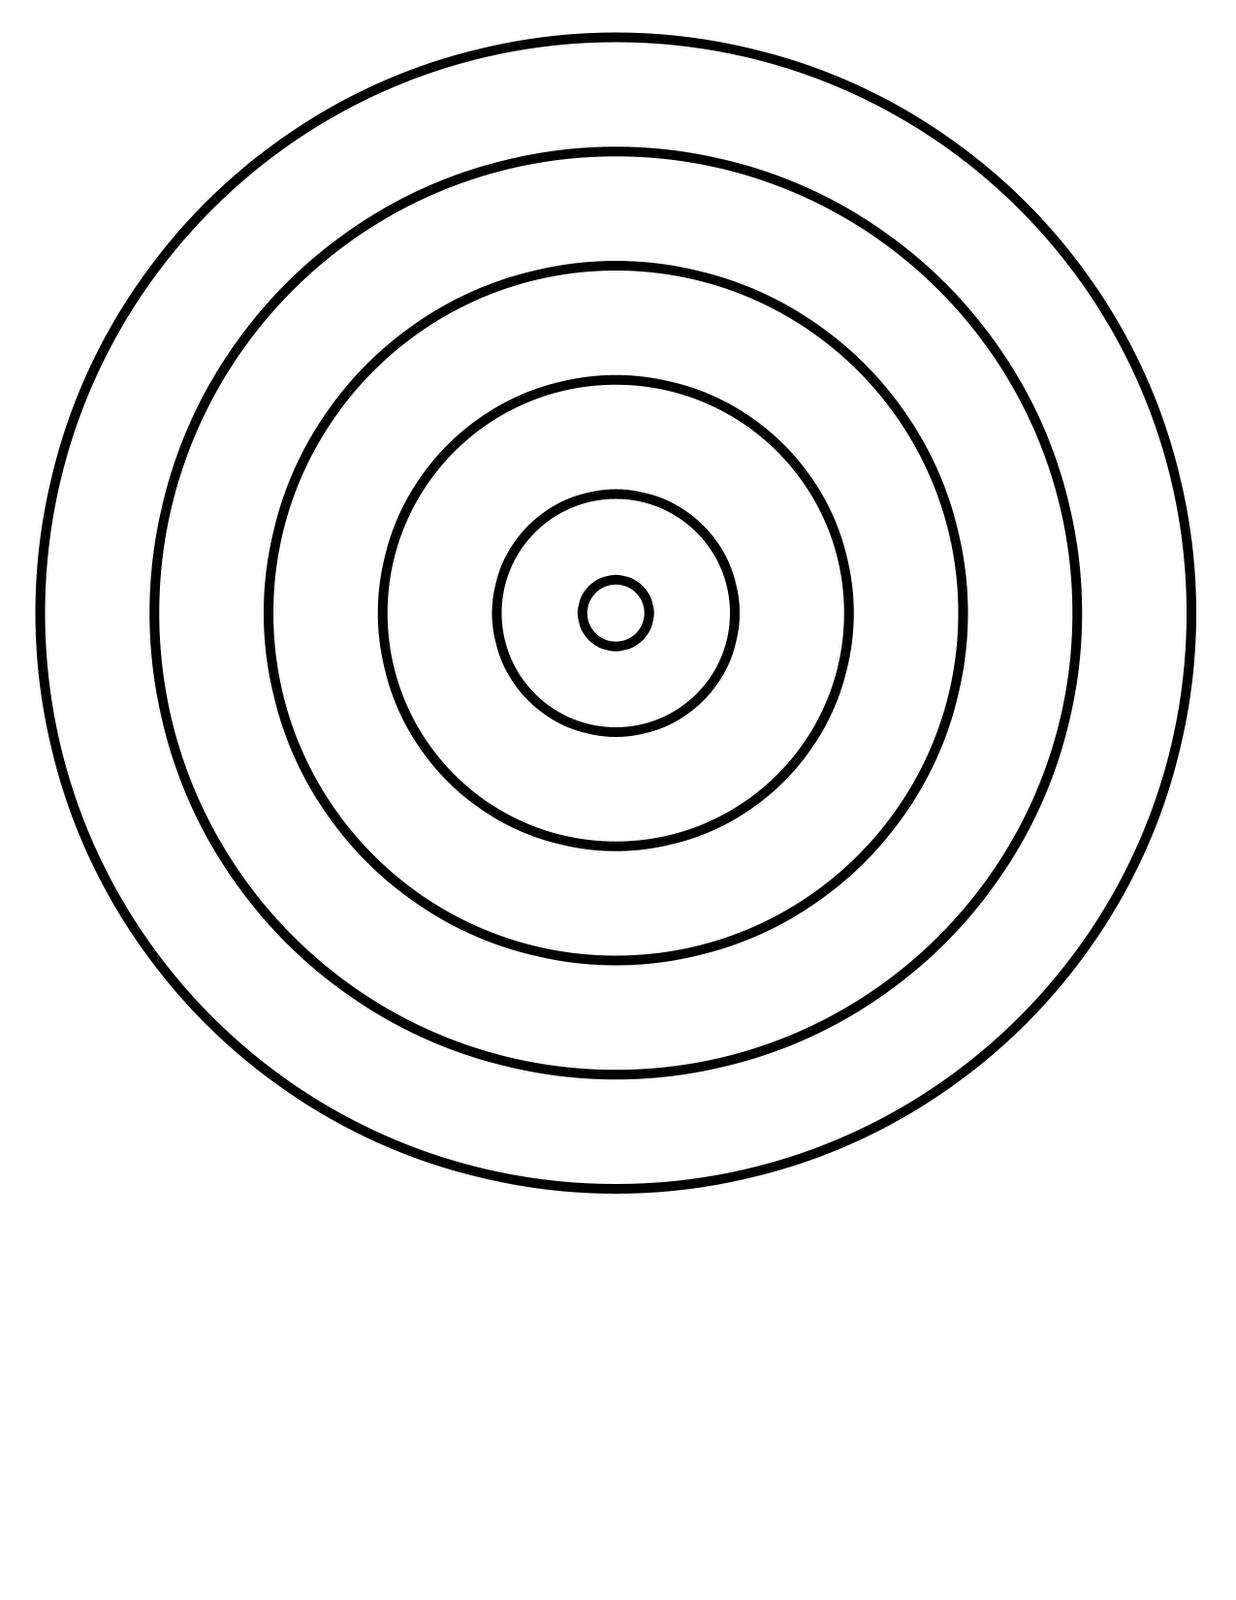 Famous bullseye target for Bullseye template printable